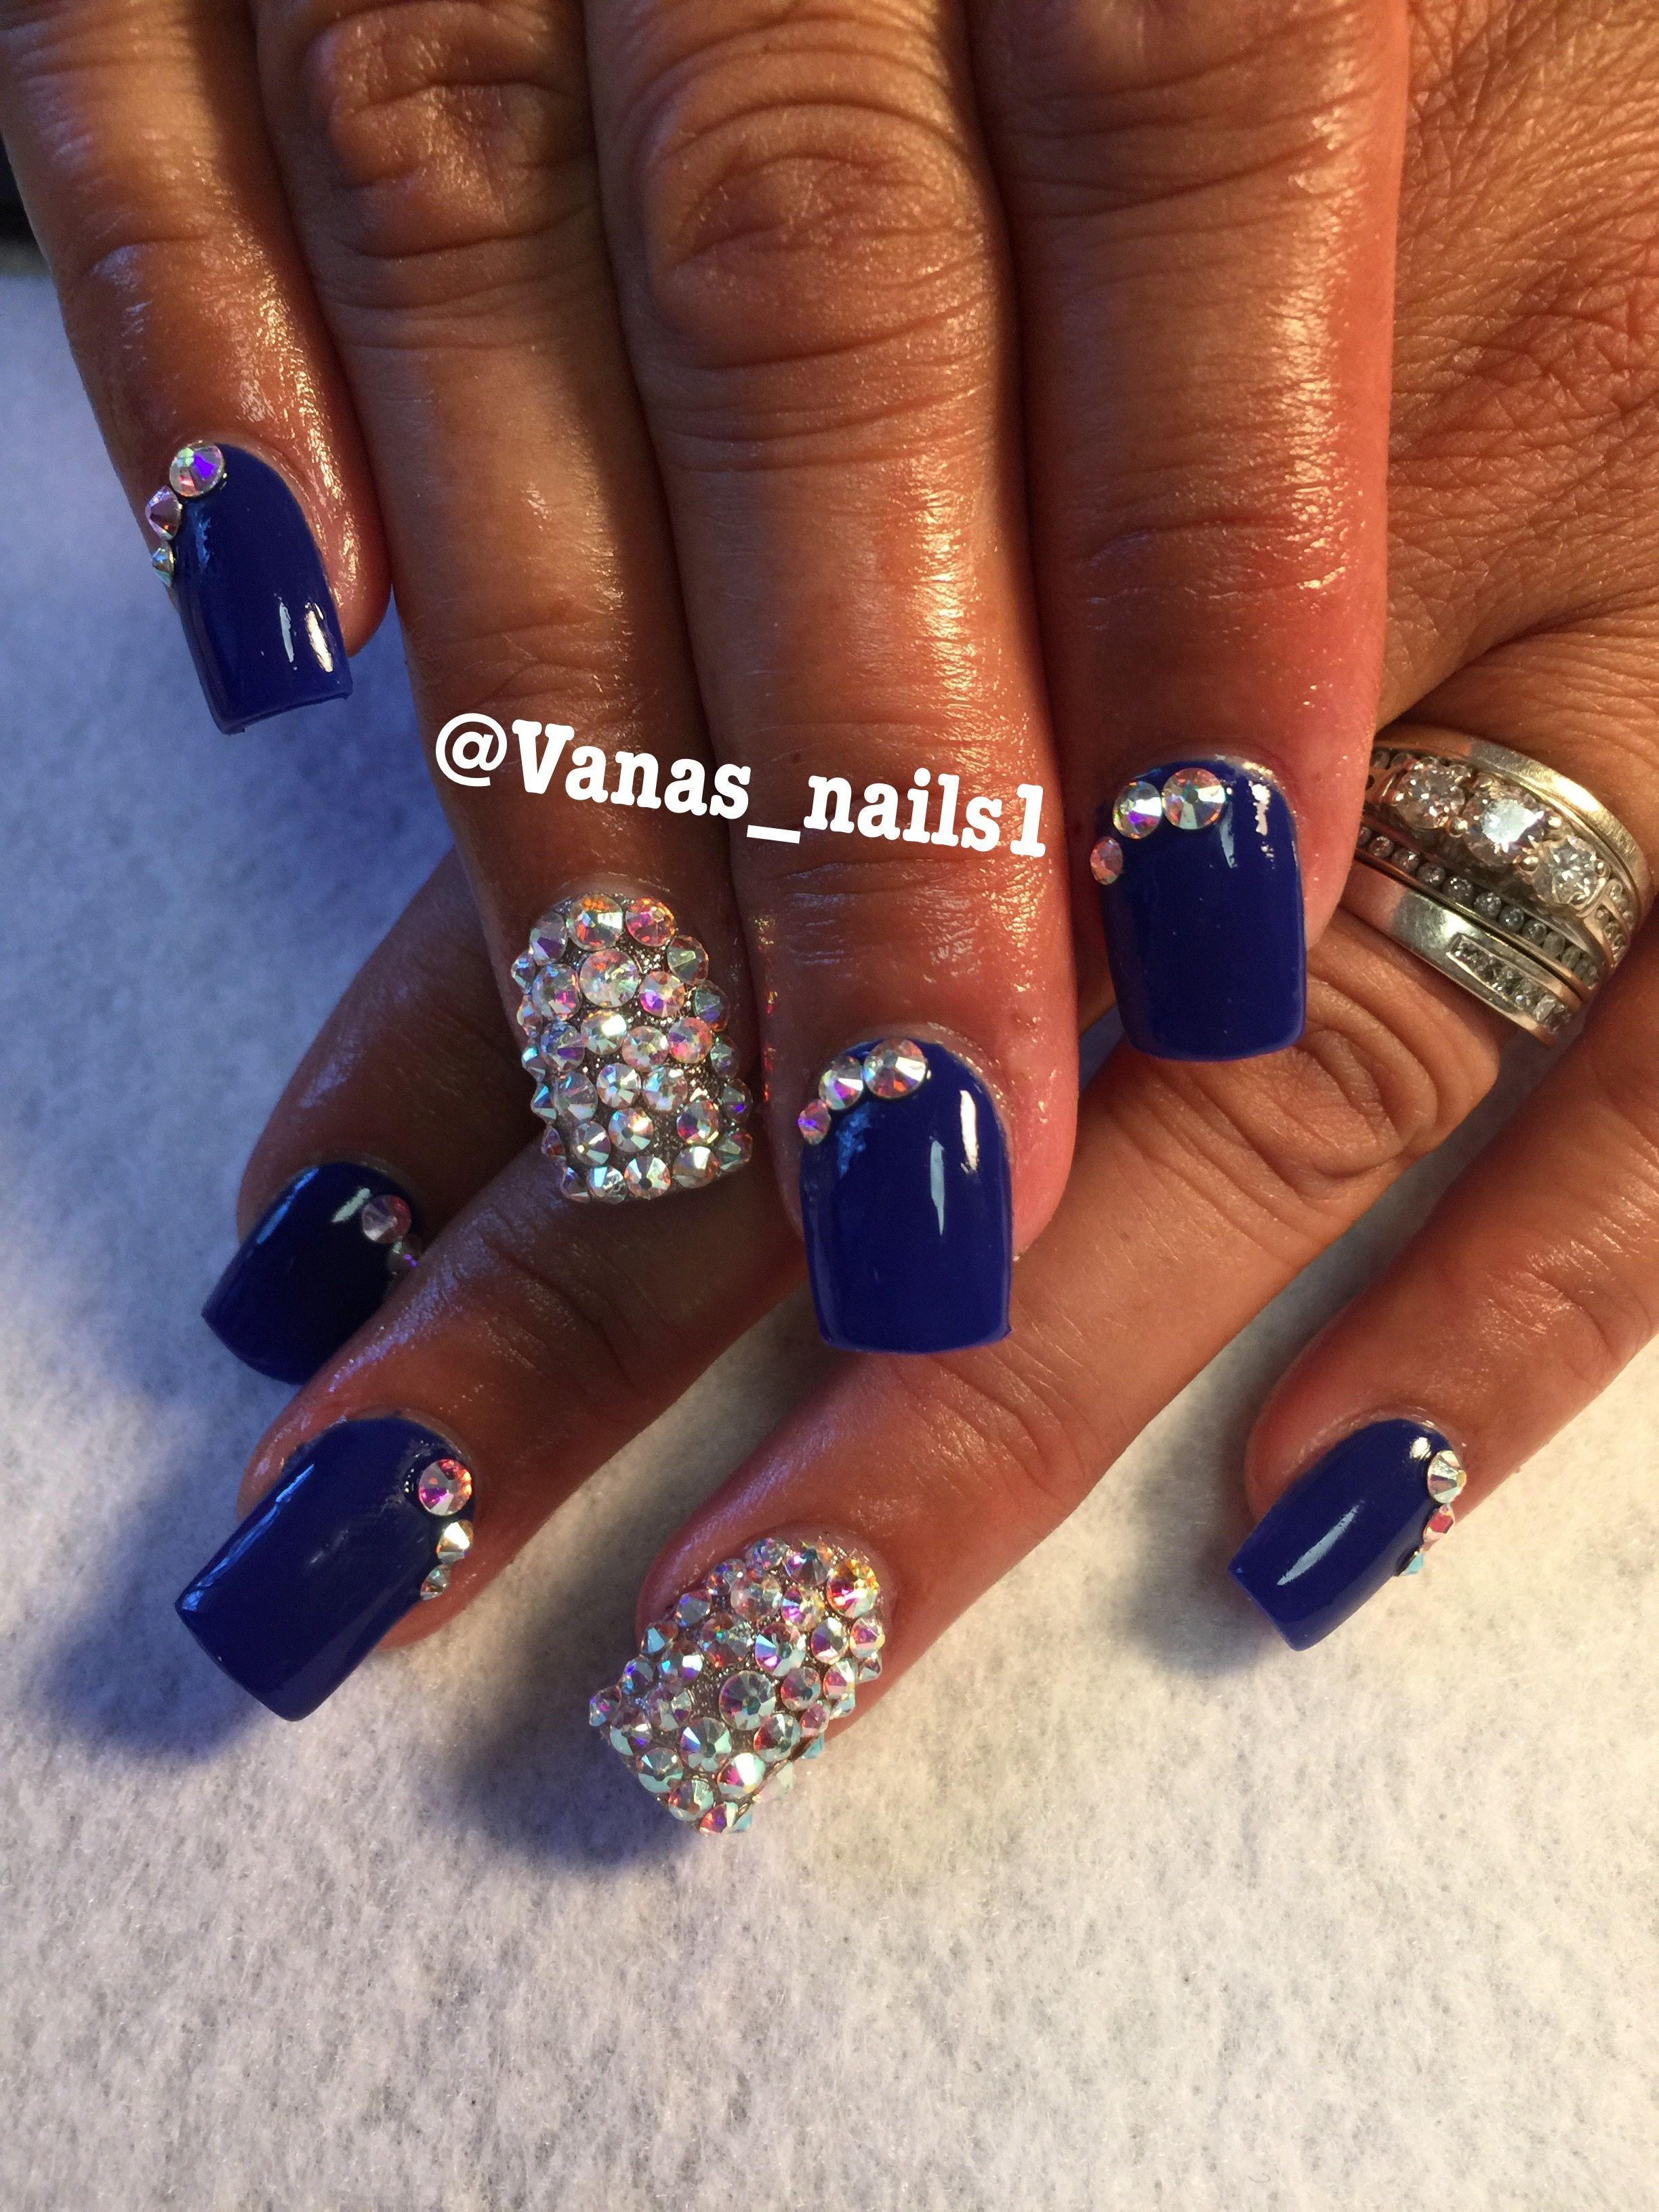 Royal Blue Acrylic Nails Uñas Acrílicas Azul Rey Vanas Nails